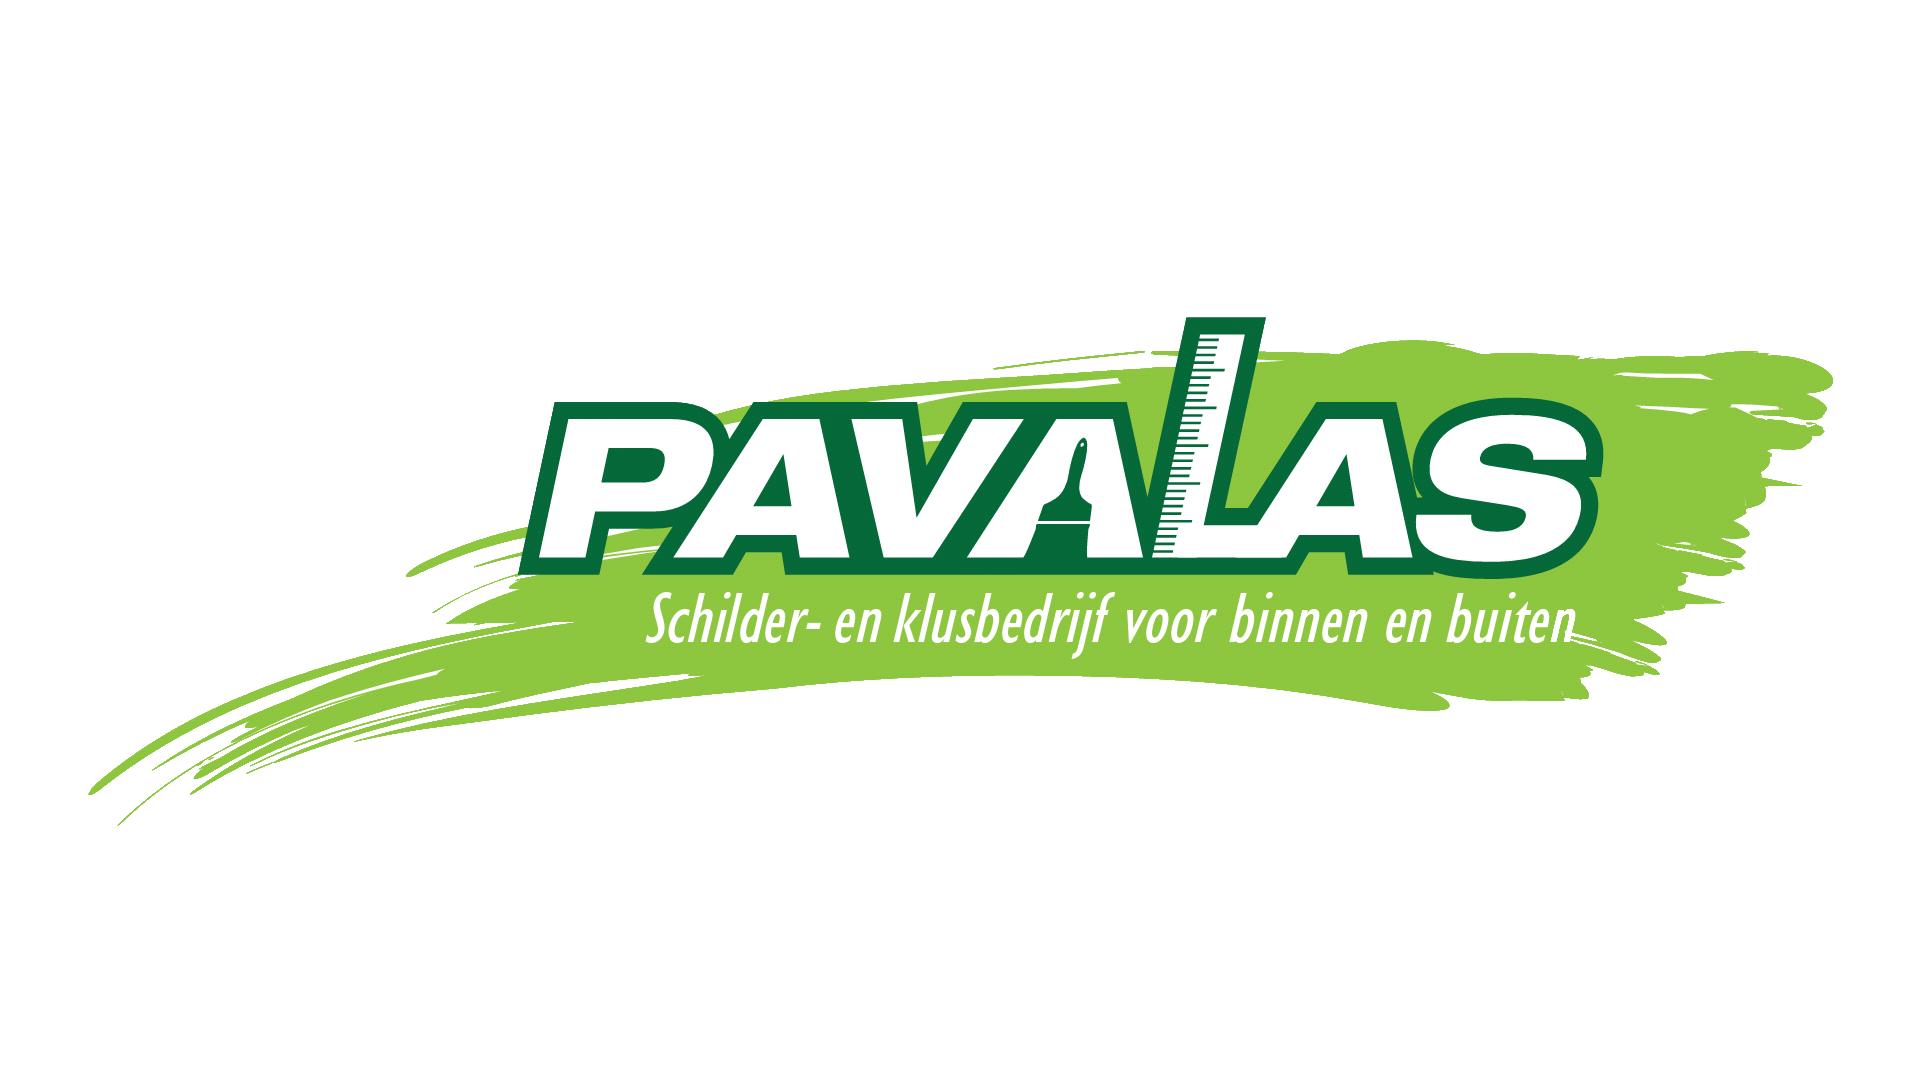 pavalas.nl